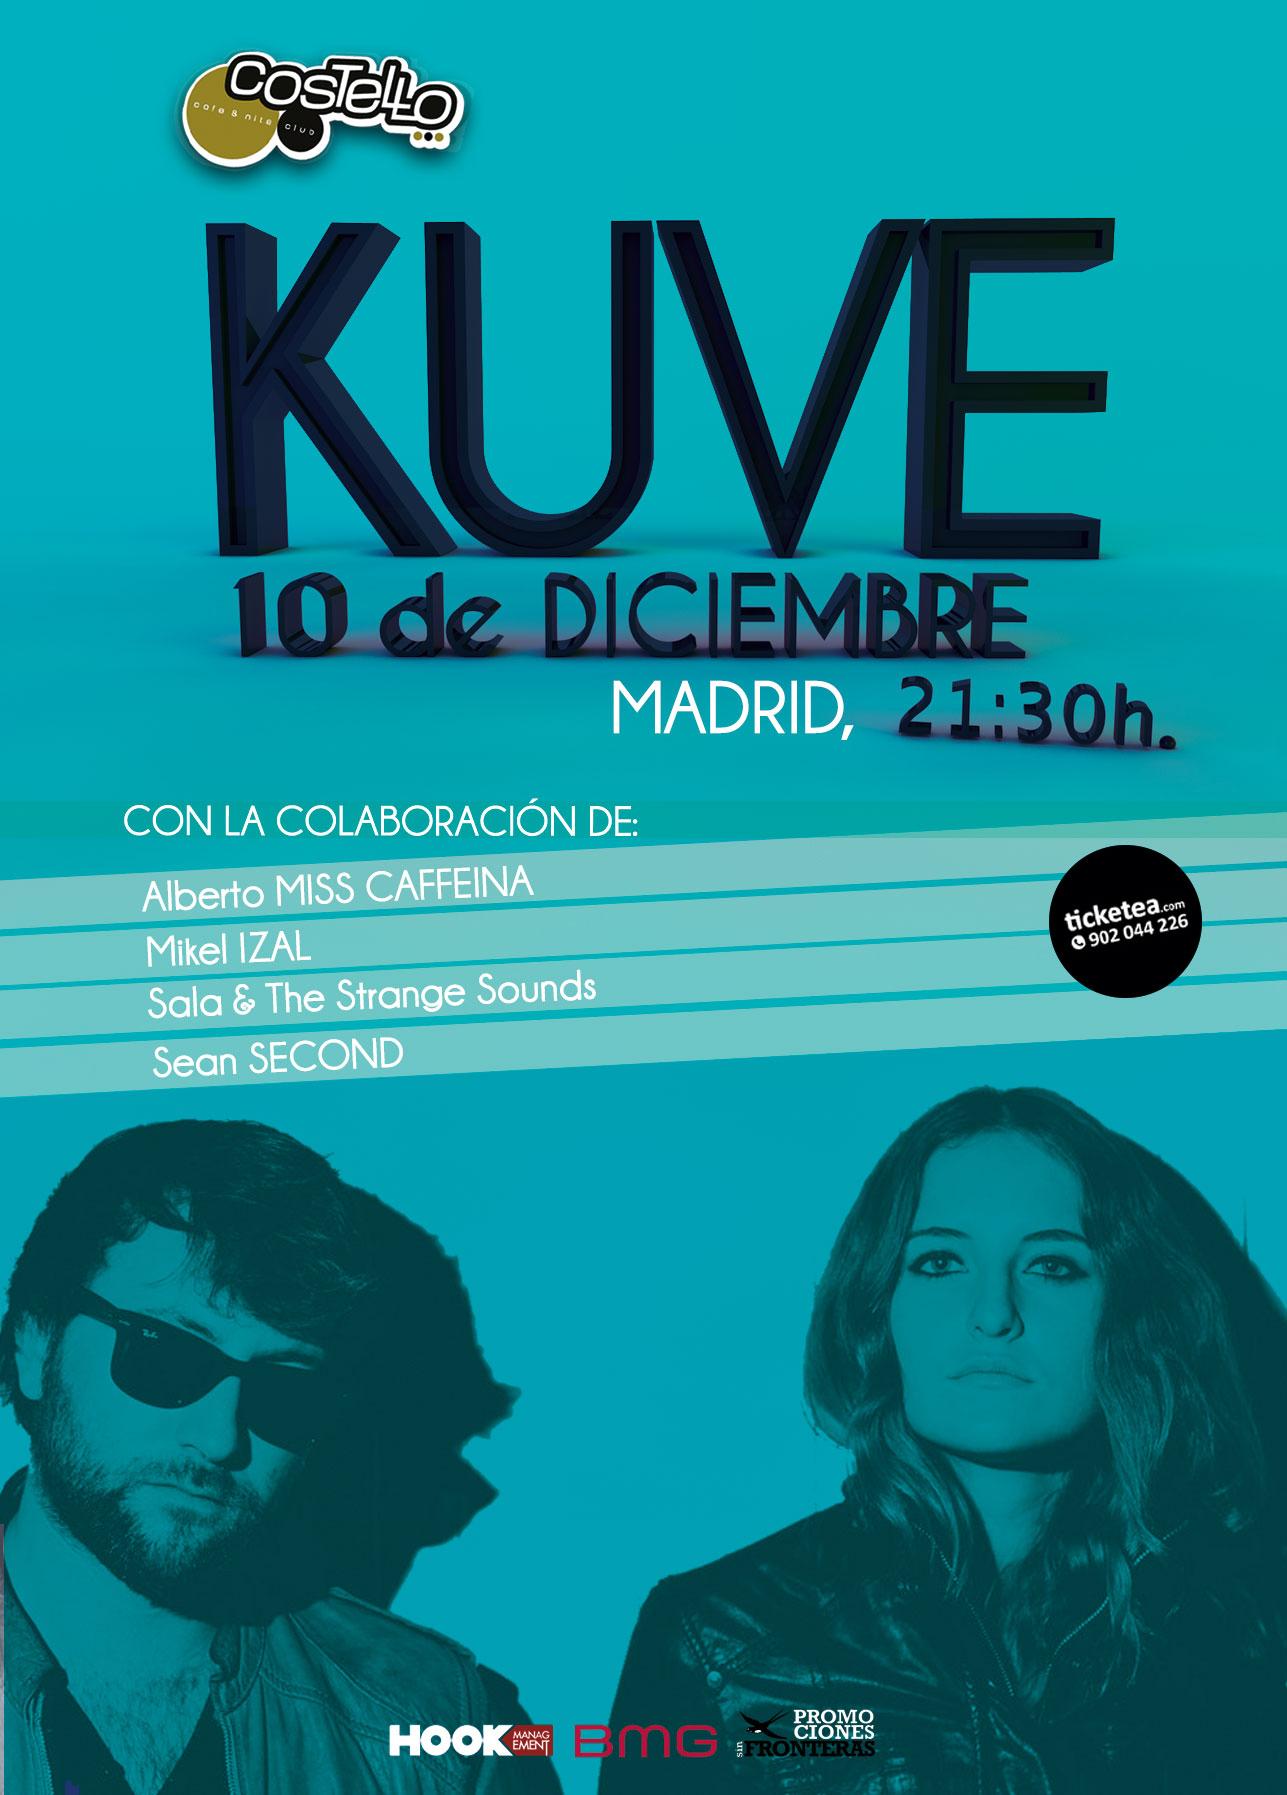 25 de diciembre en madrid: